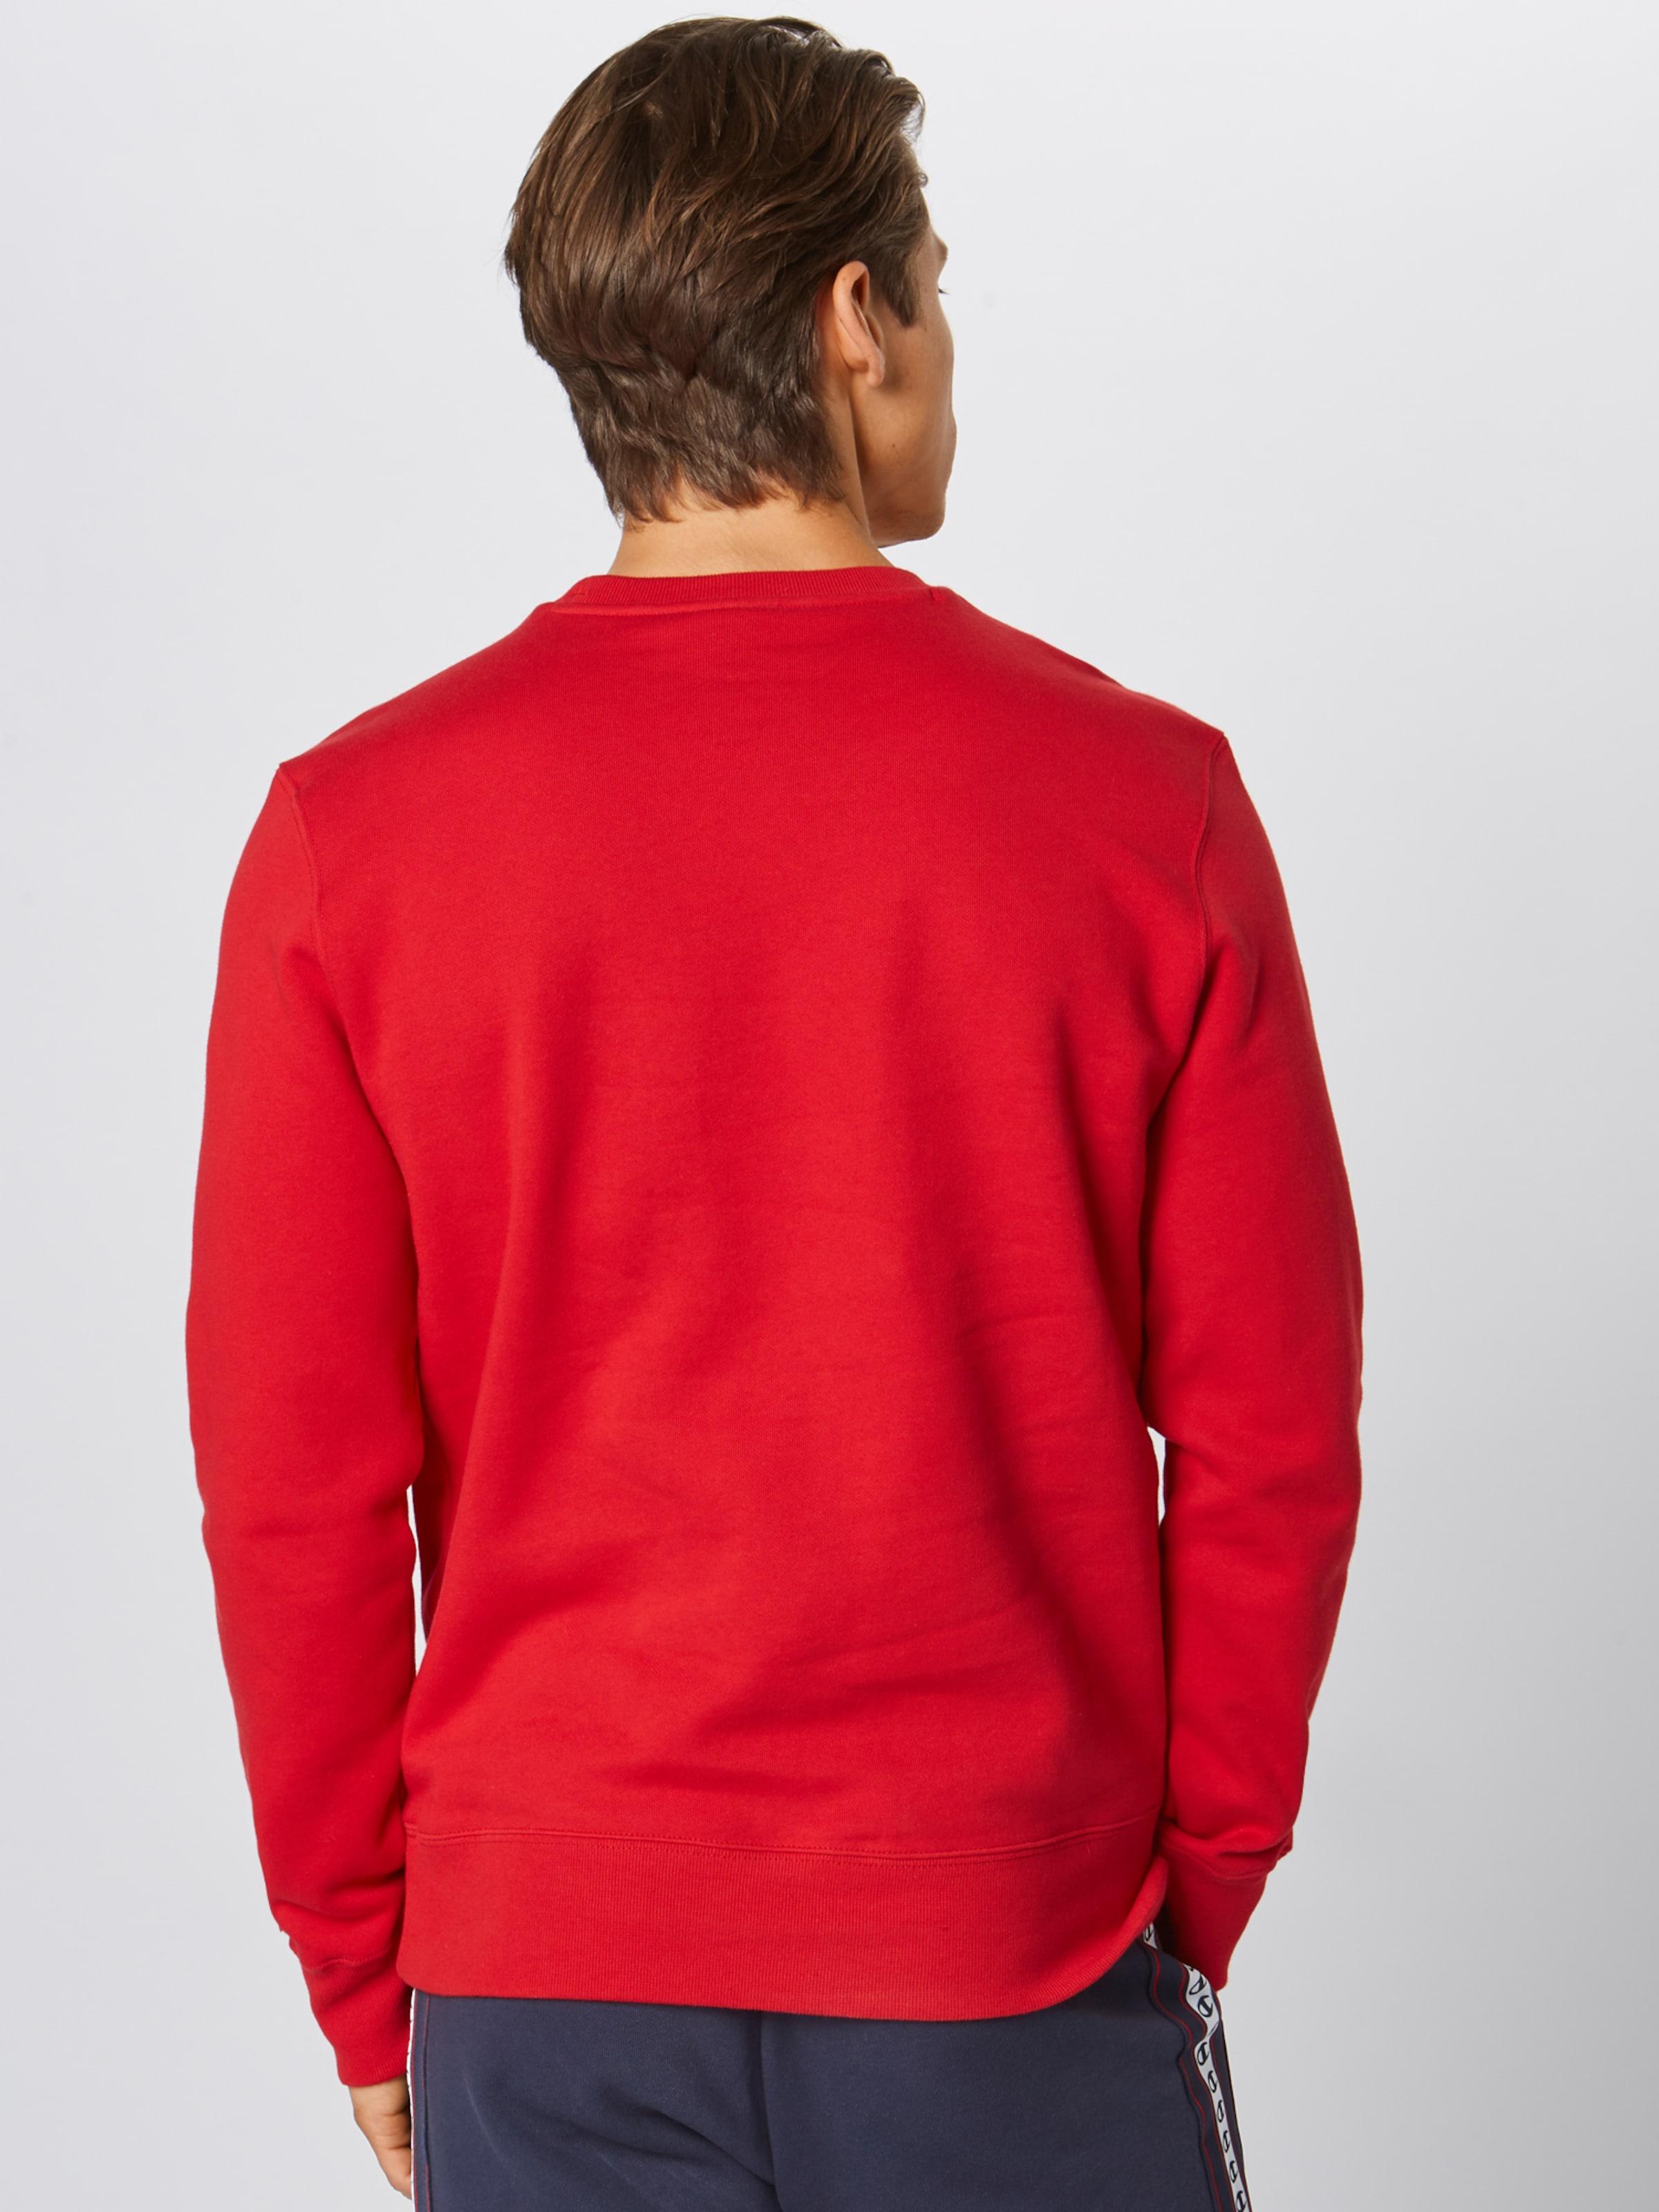 Authentic Apparel Sweat Vin shirt Lie De Athletic En Champion iTPXOkZu